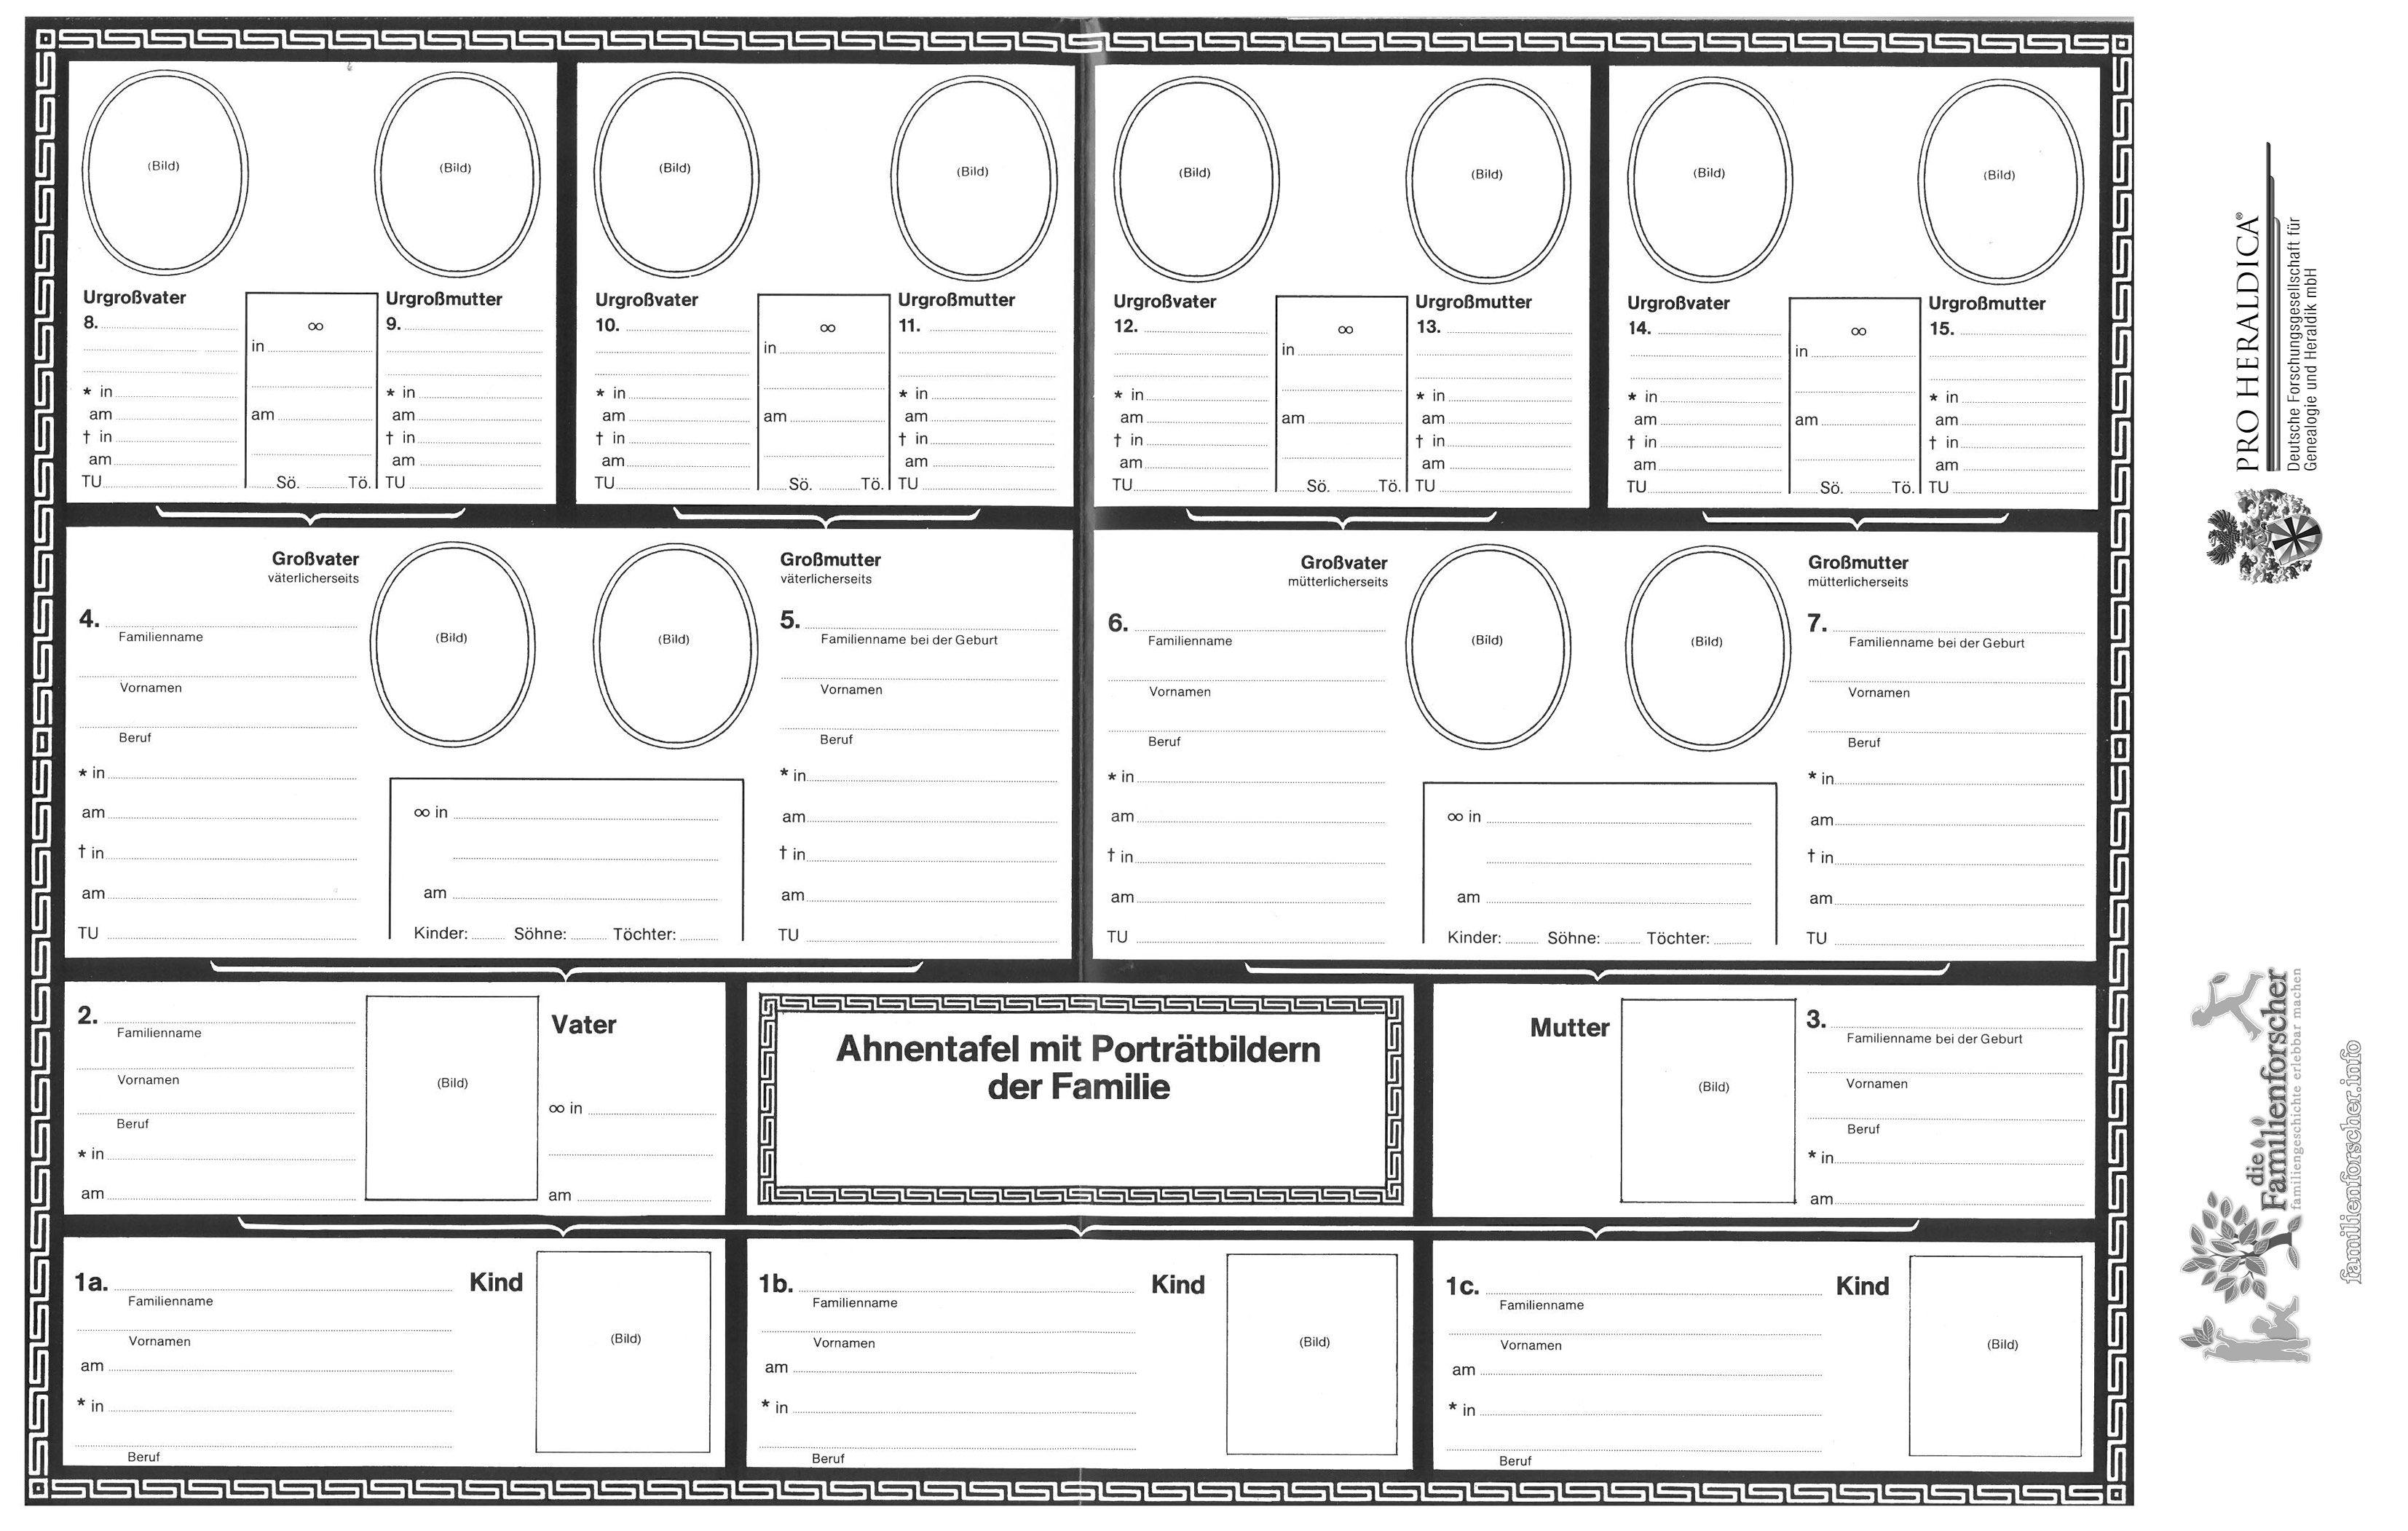 Vorlagen Fur Ahnentafel Stammbaum Ausmalbilder Ratsel Alte Schrift Ahnenforschung Kinder Jugendliche Schu Stammbaum Vorlage Familienforschung Stammbaum